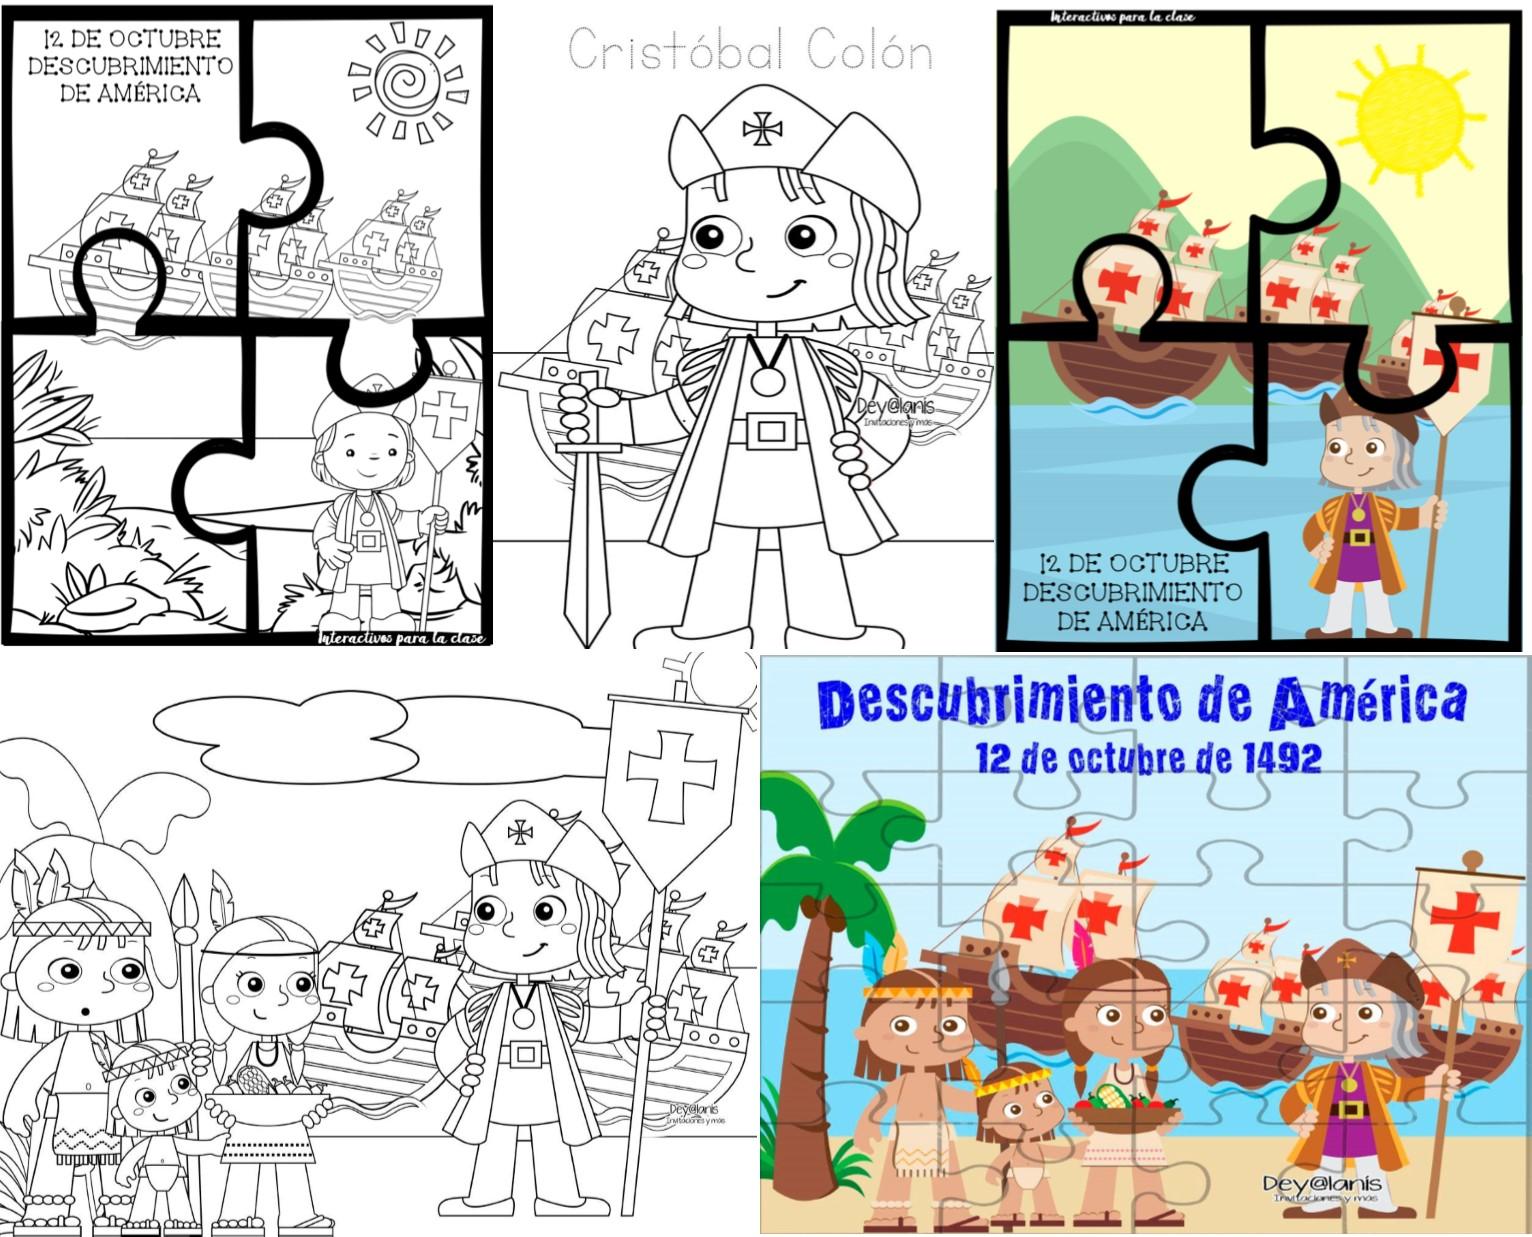 Rompecabezas y dibujos del descubrimiento de am rica 12 de for Comedores 12 de octubre